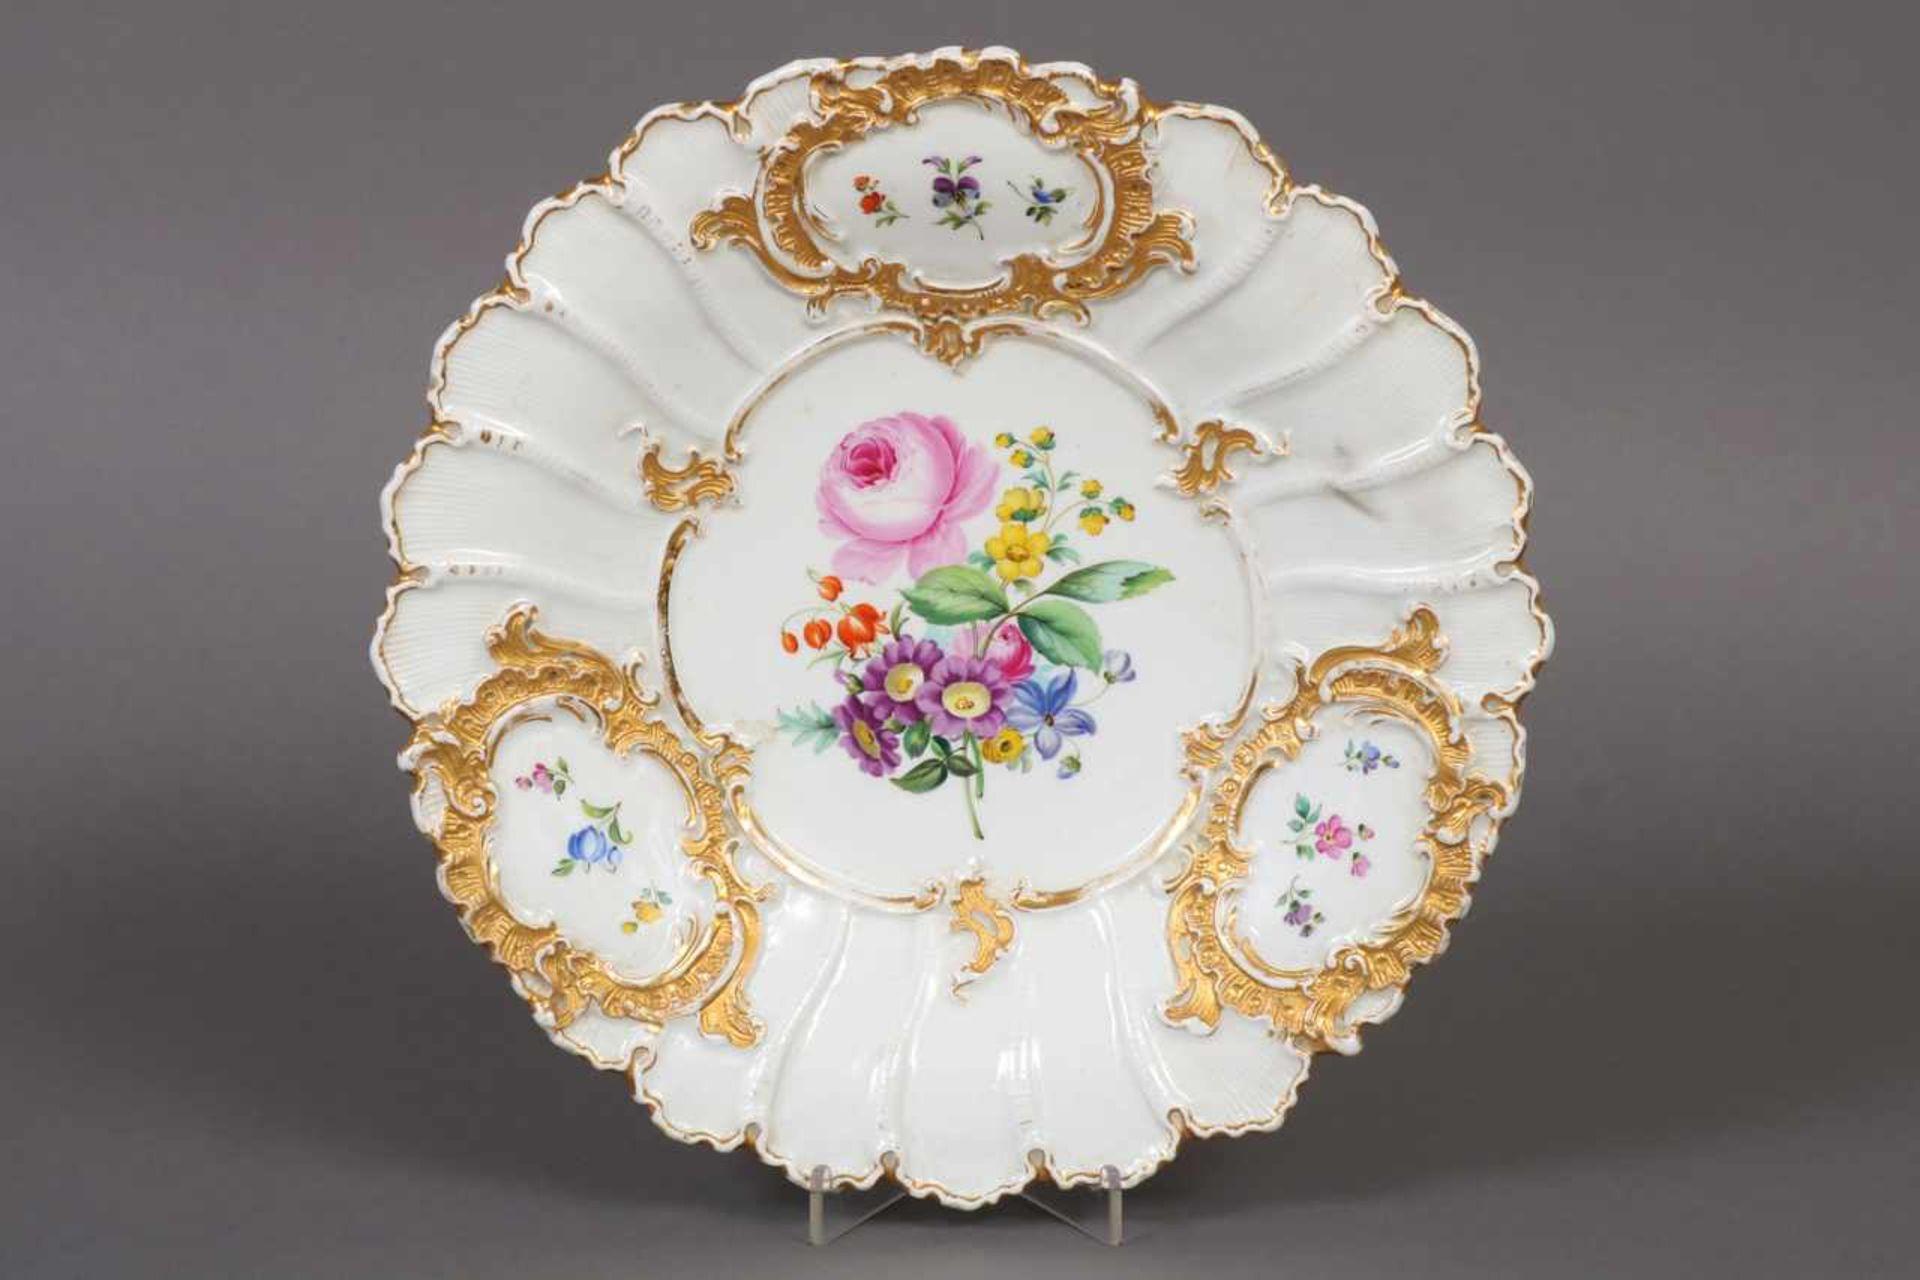 Los 49 - MEISSEN Prunkteller um 1900 (Knaufzeit), polychrome Blumenmalerei mit Goldstaffage,